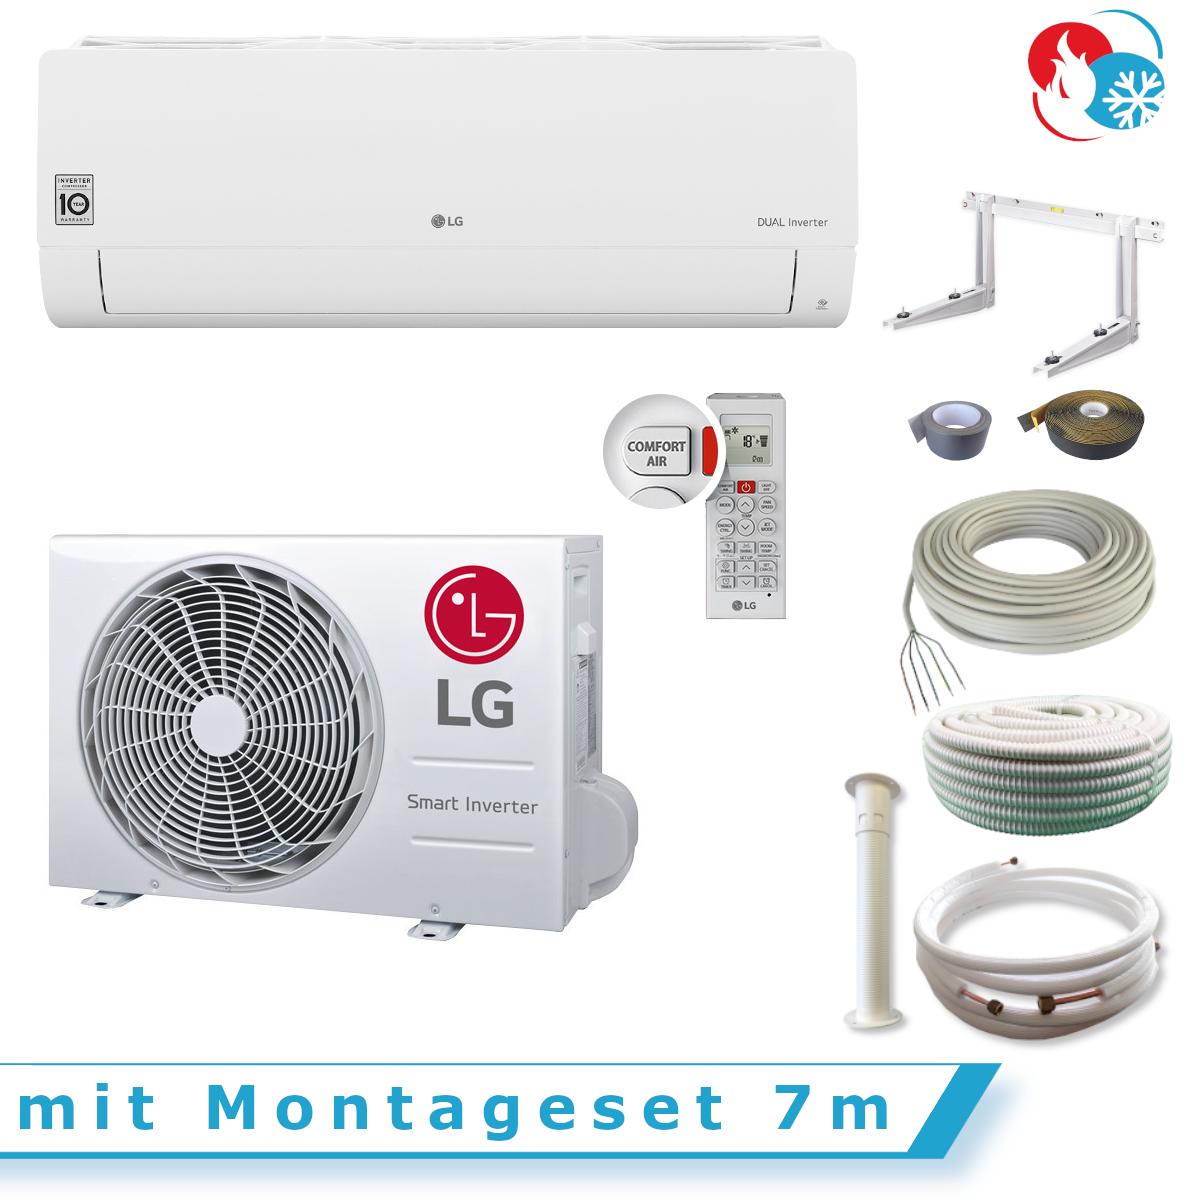 LG Standard Klimaanlage Inverter Split Set S12EQ, 3,5 kW mit Montageset 7m